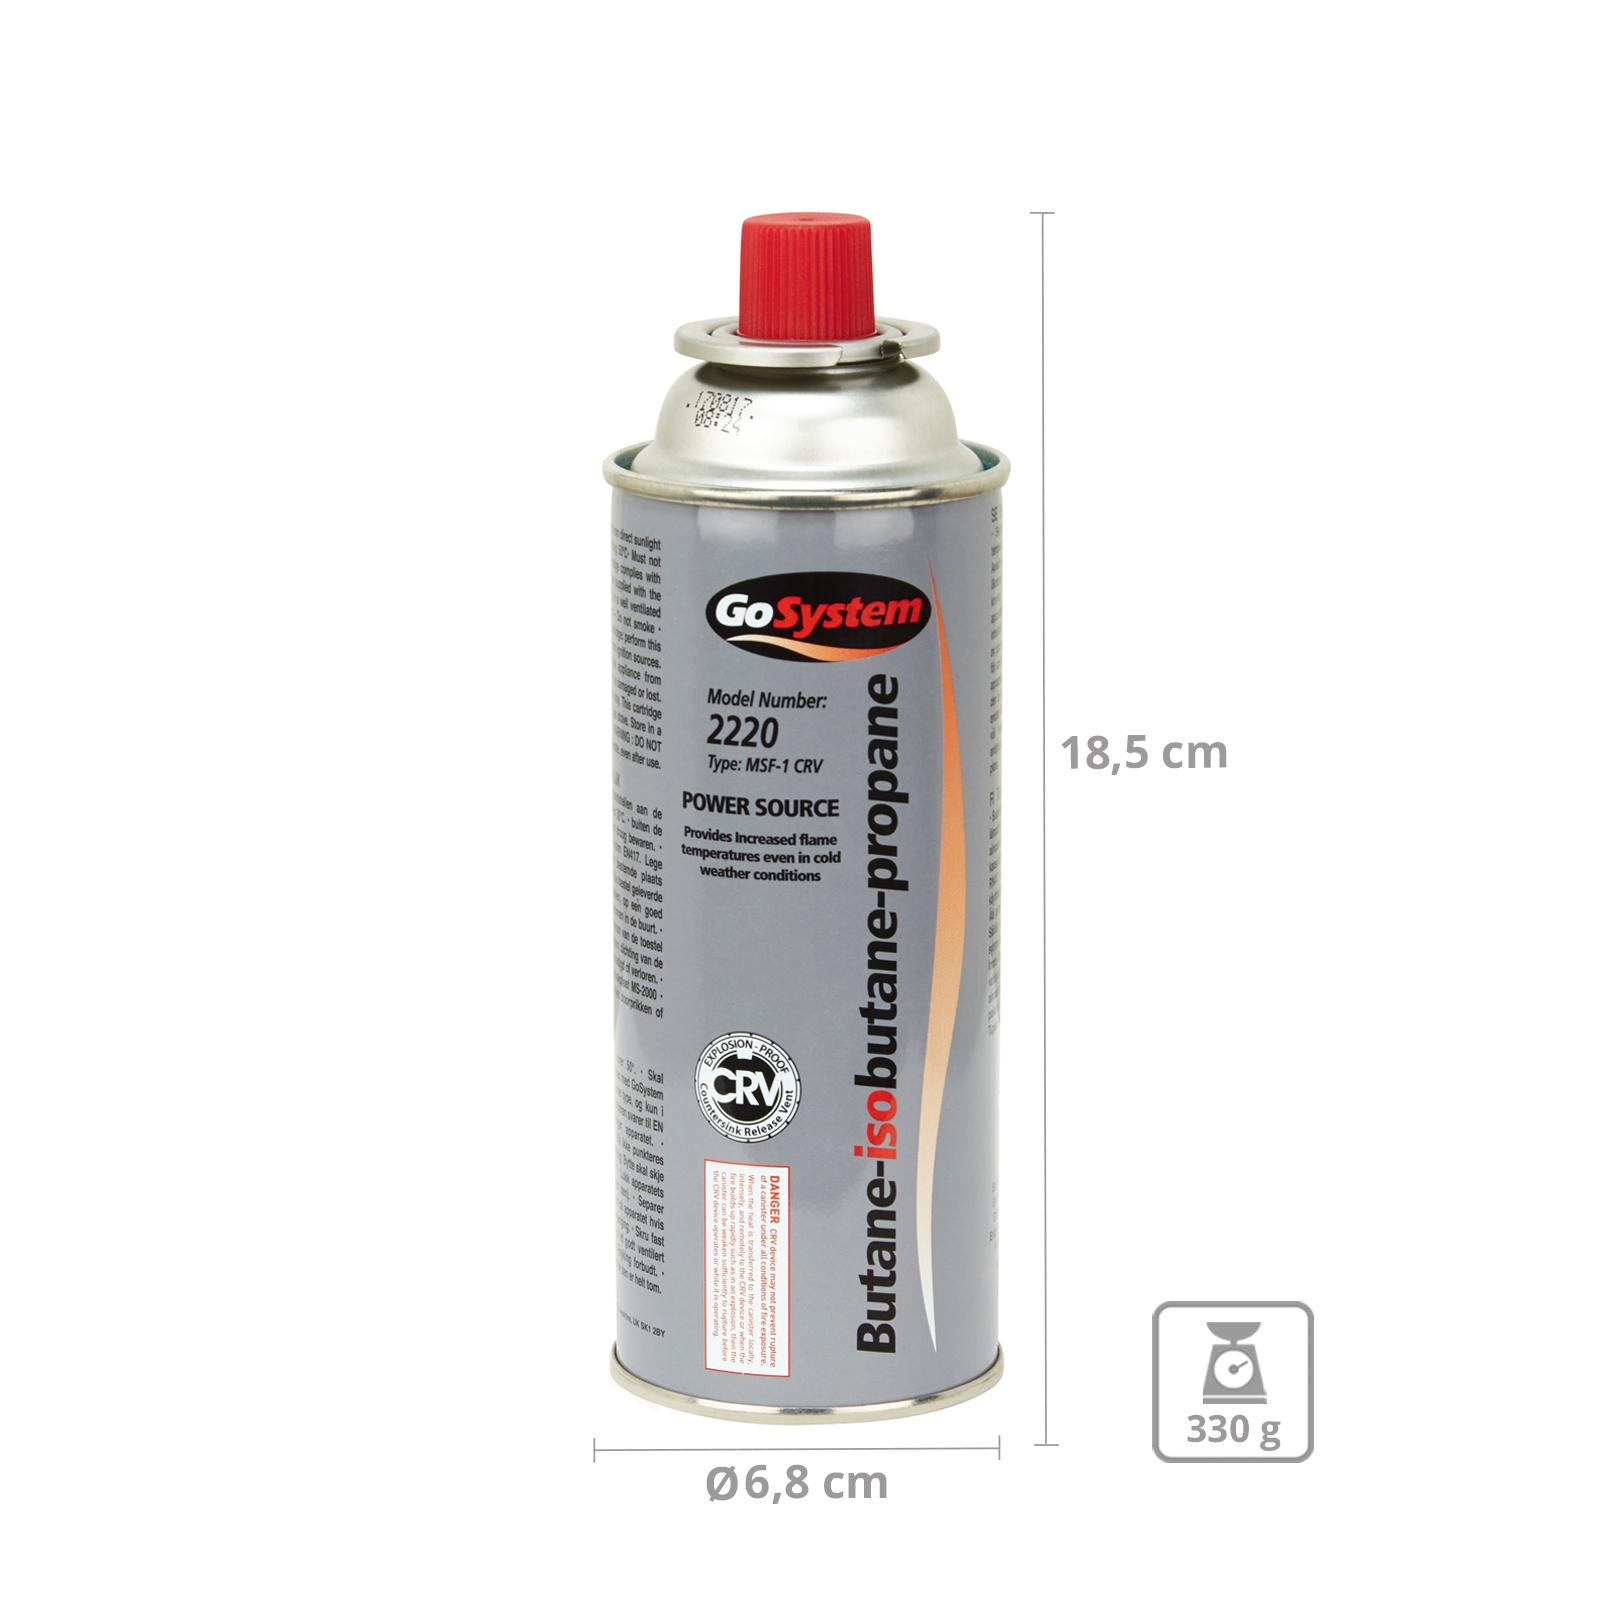 28 x GO SYSTEM Ventil Gas Kartusche Camping Kocher Brenner Butan//Propan 227 g